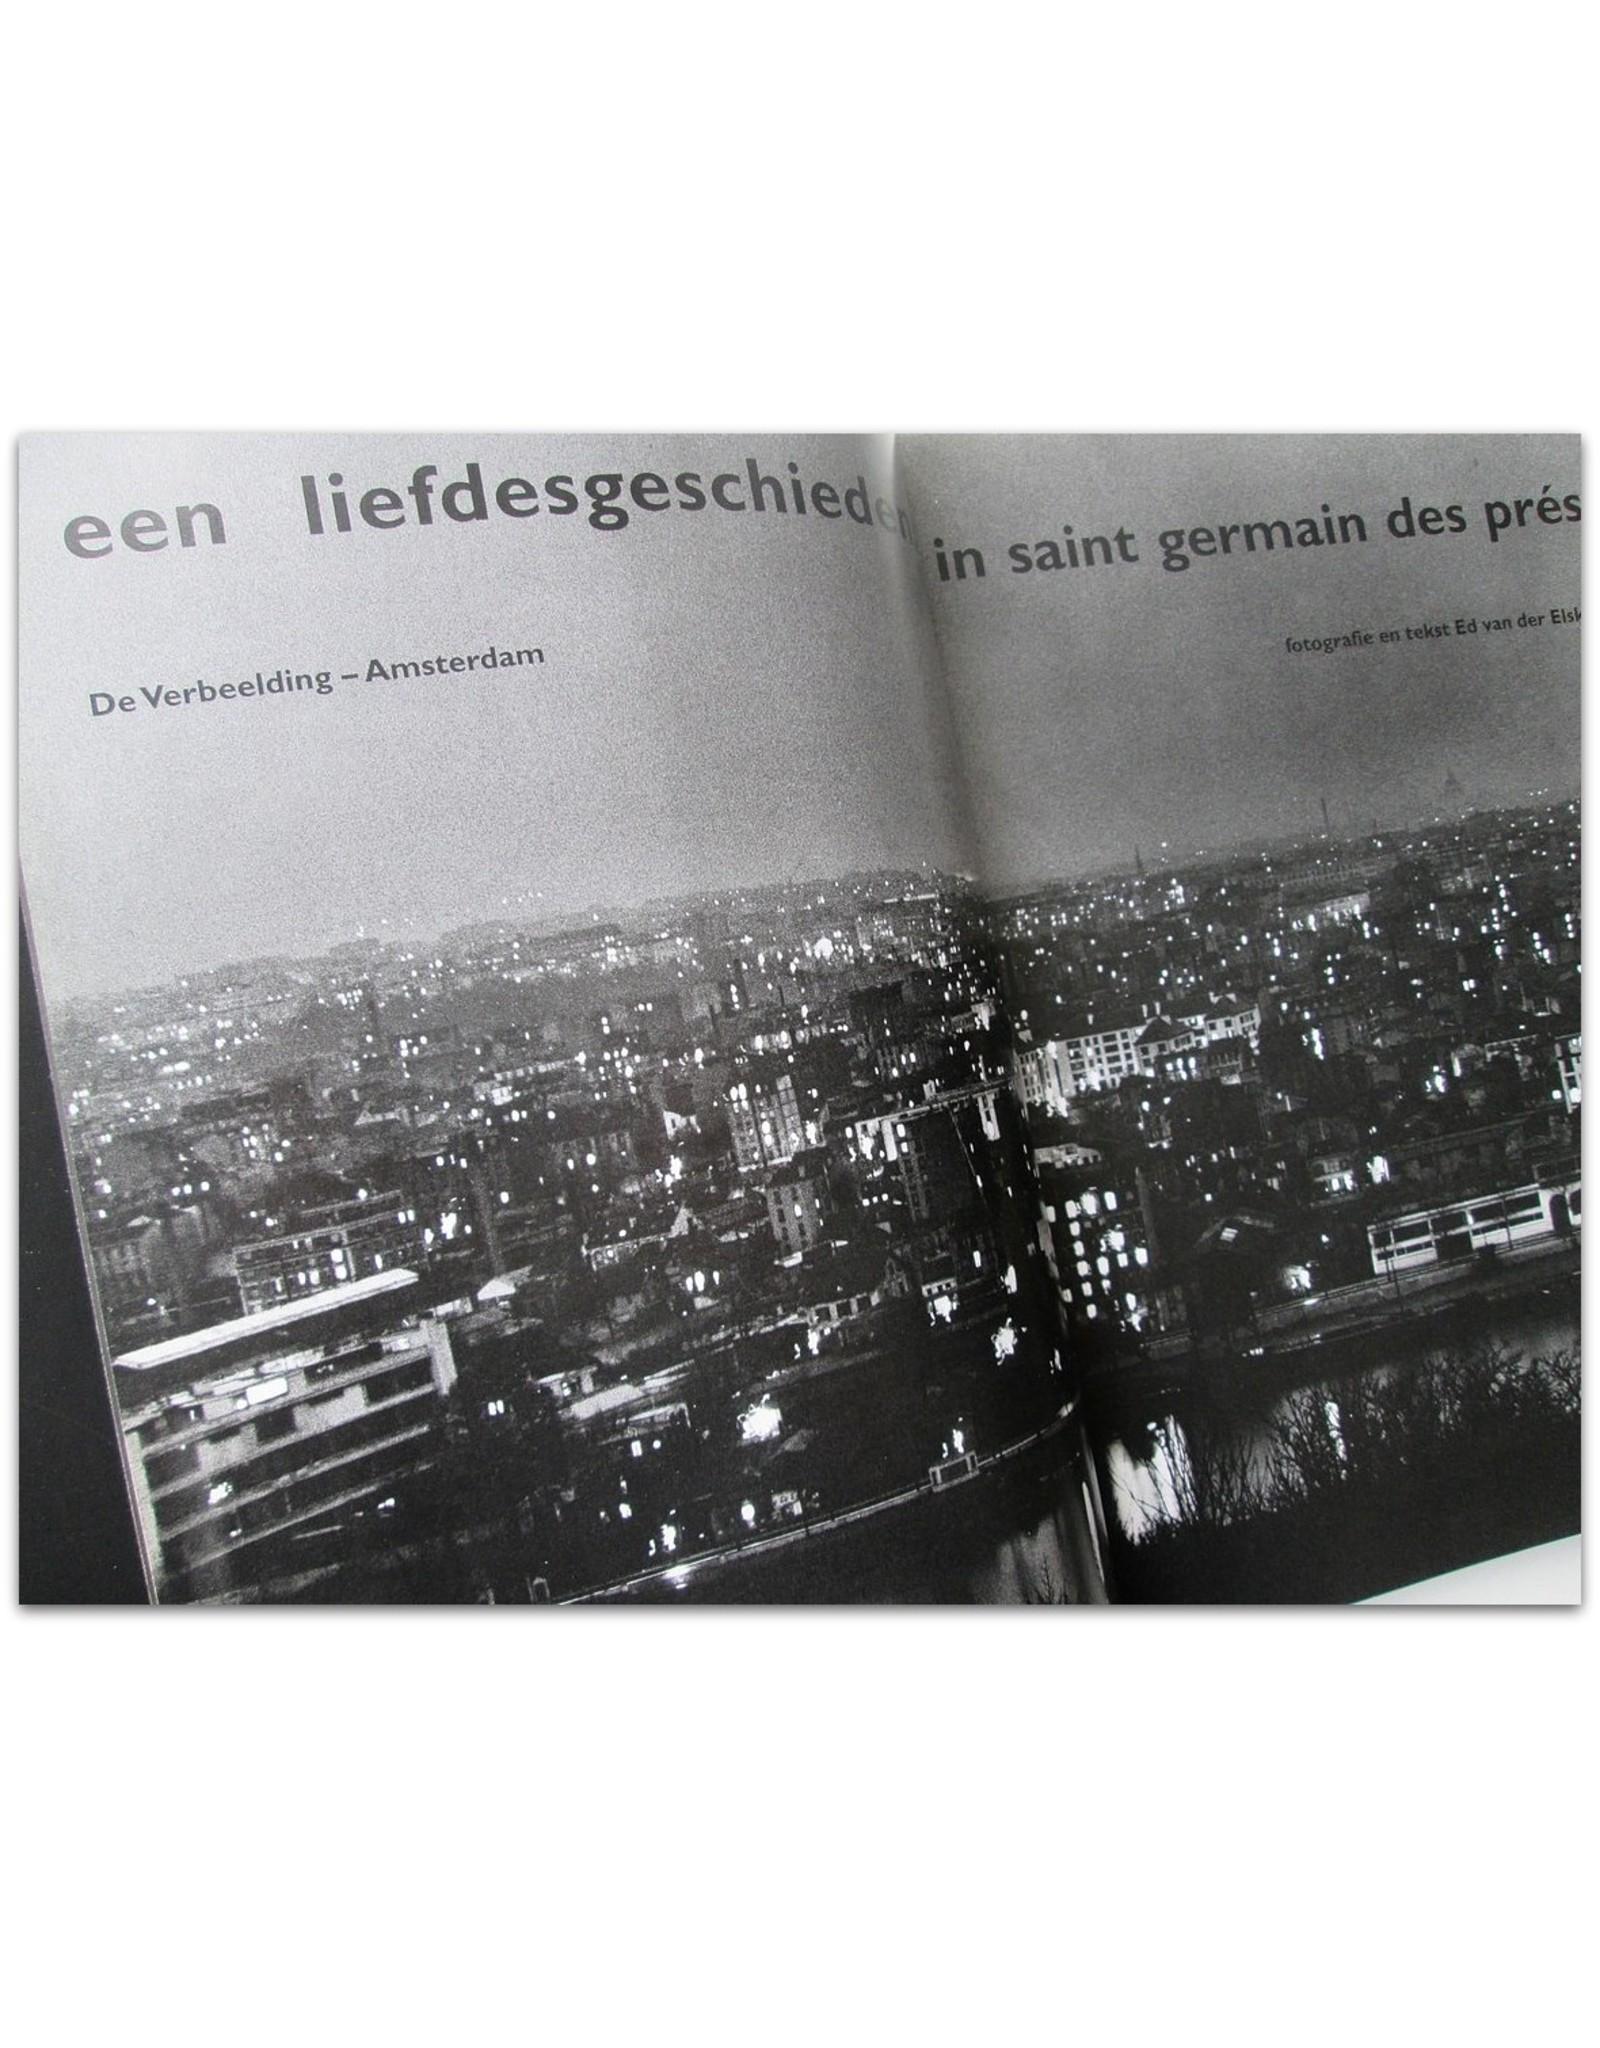 Ed van der Elsken - Een liefdesgeschiedenis in Saint Germain des Prés